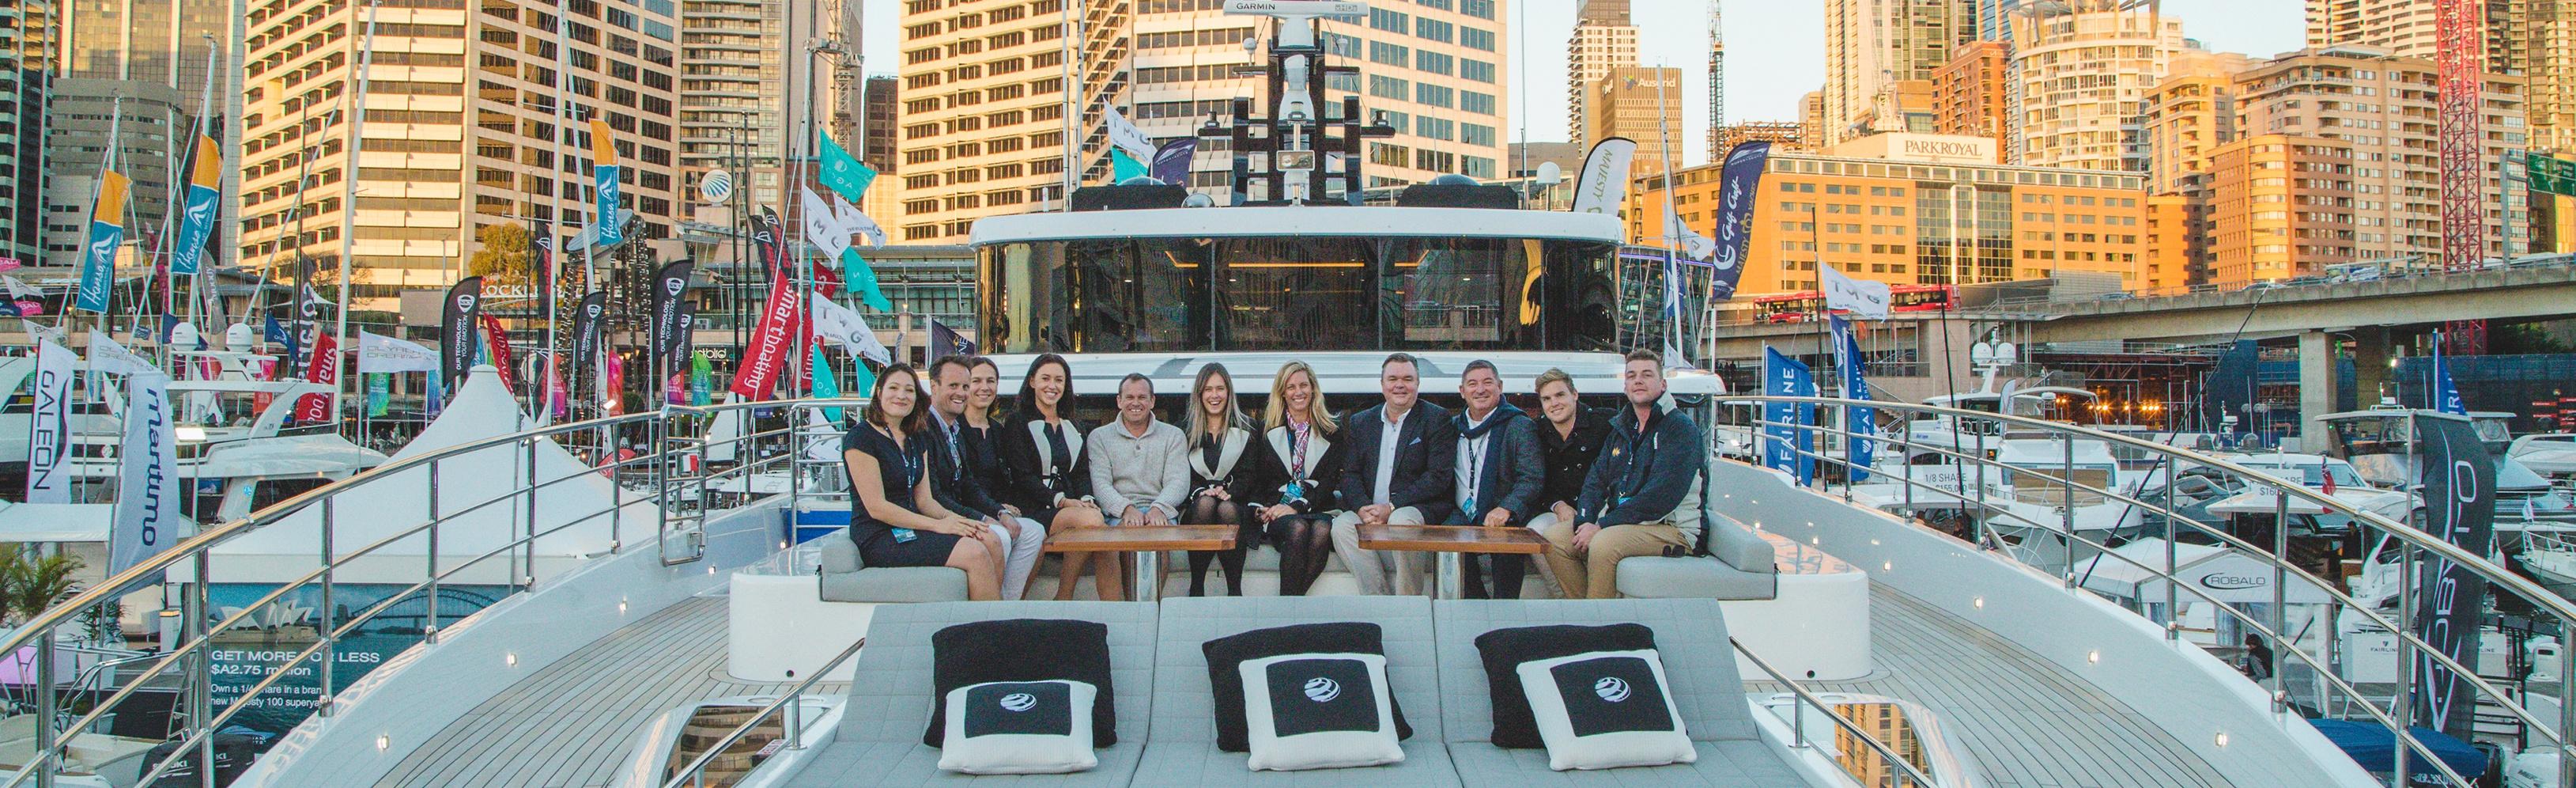 Australian-SY,-Sydney-Boat-Show-2018